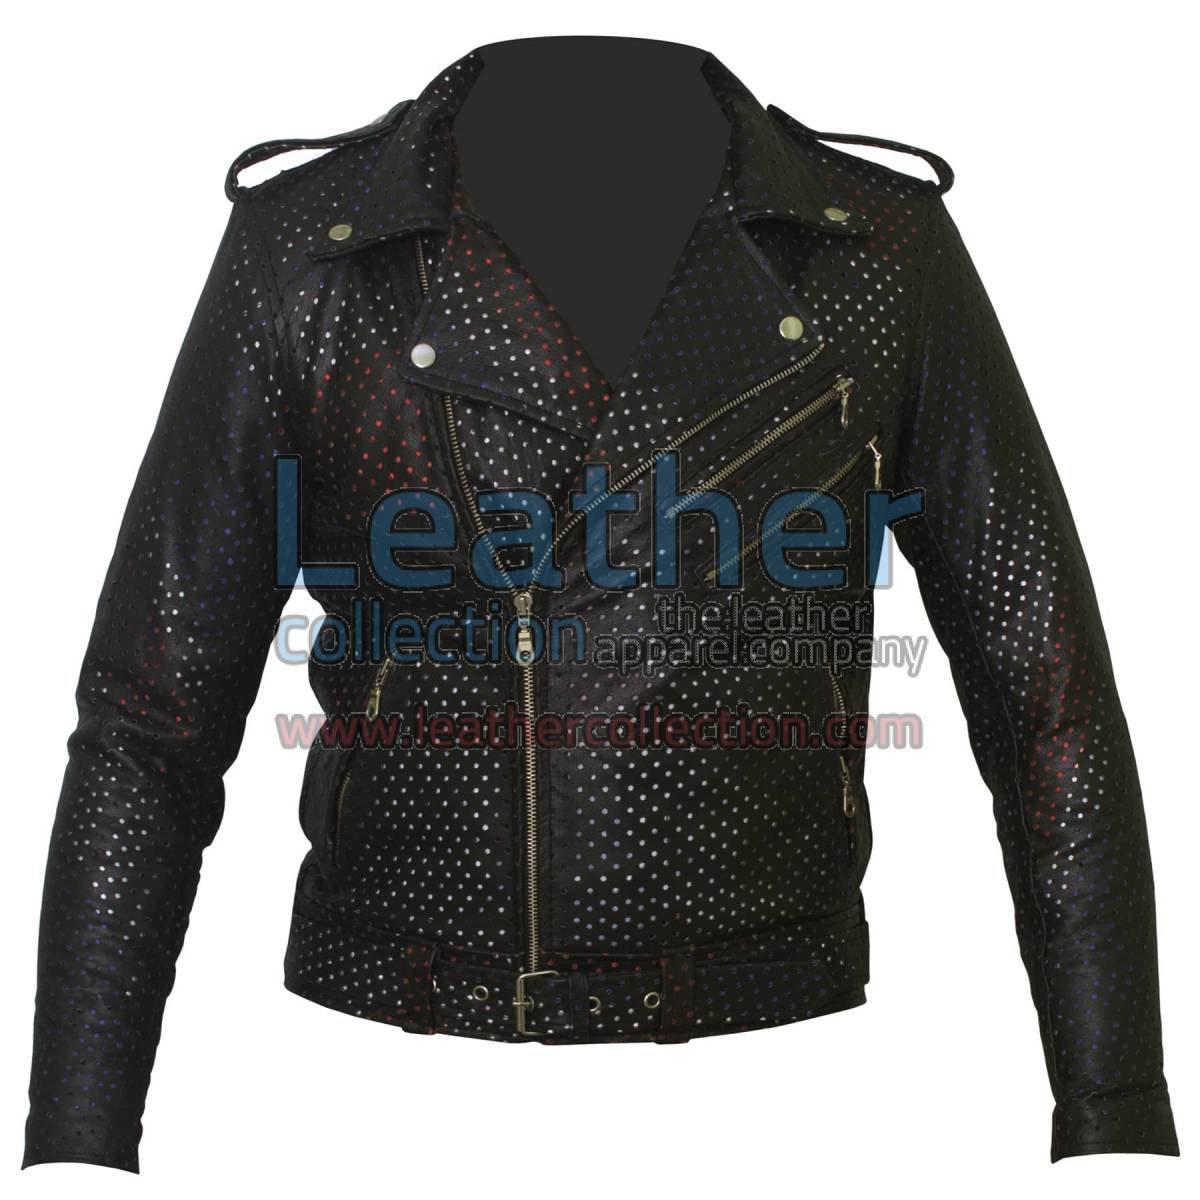 Union Jack Perforated Fashion Leather Jacket